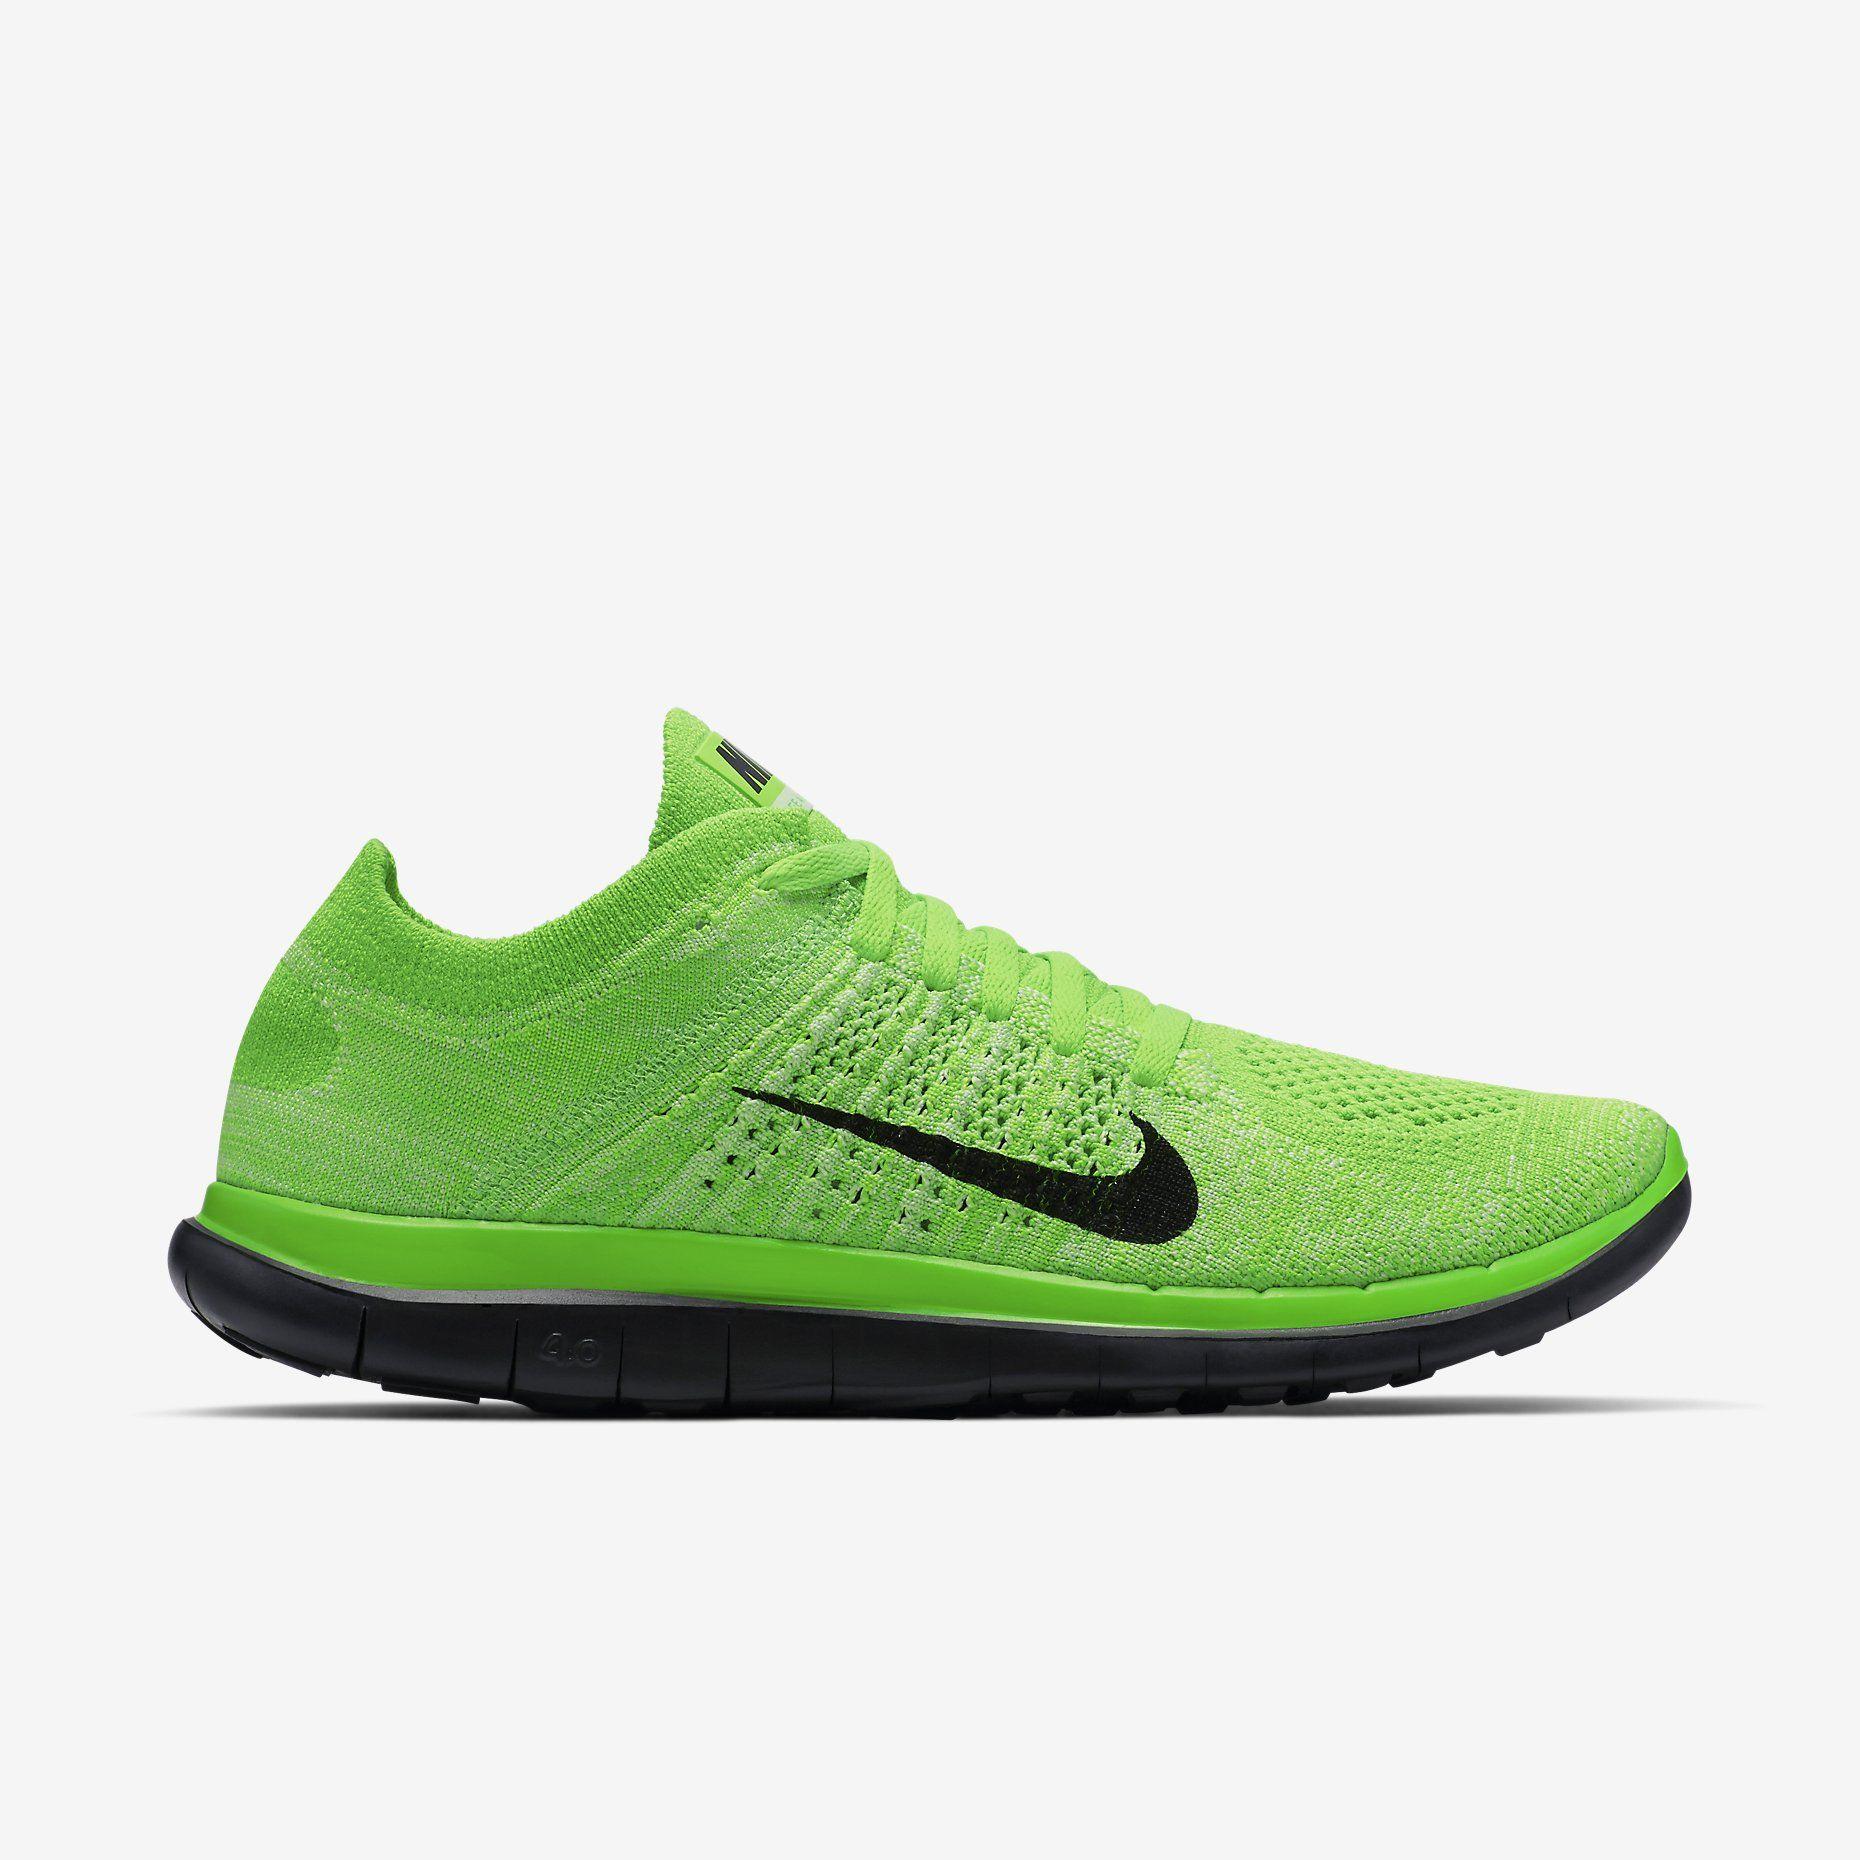 6d592b09e84 Nike Zoom Kd Iv Shoes On Sale